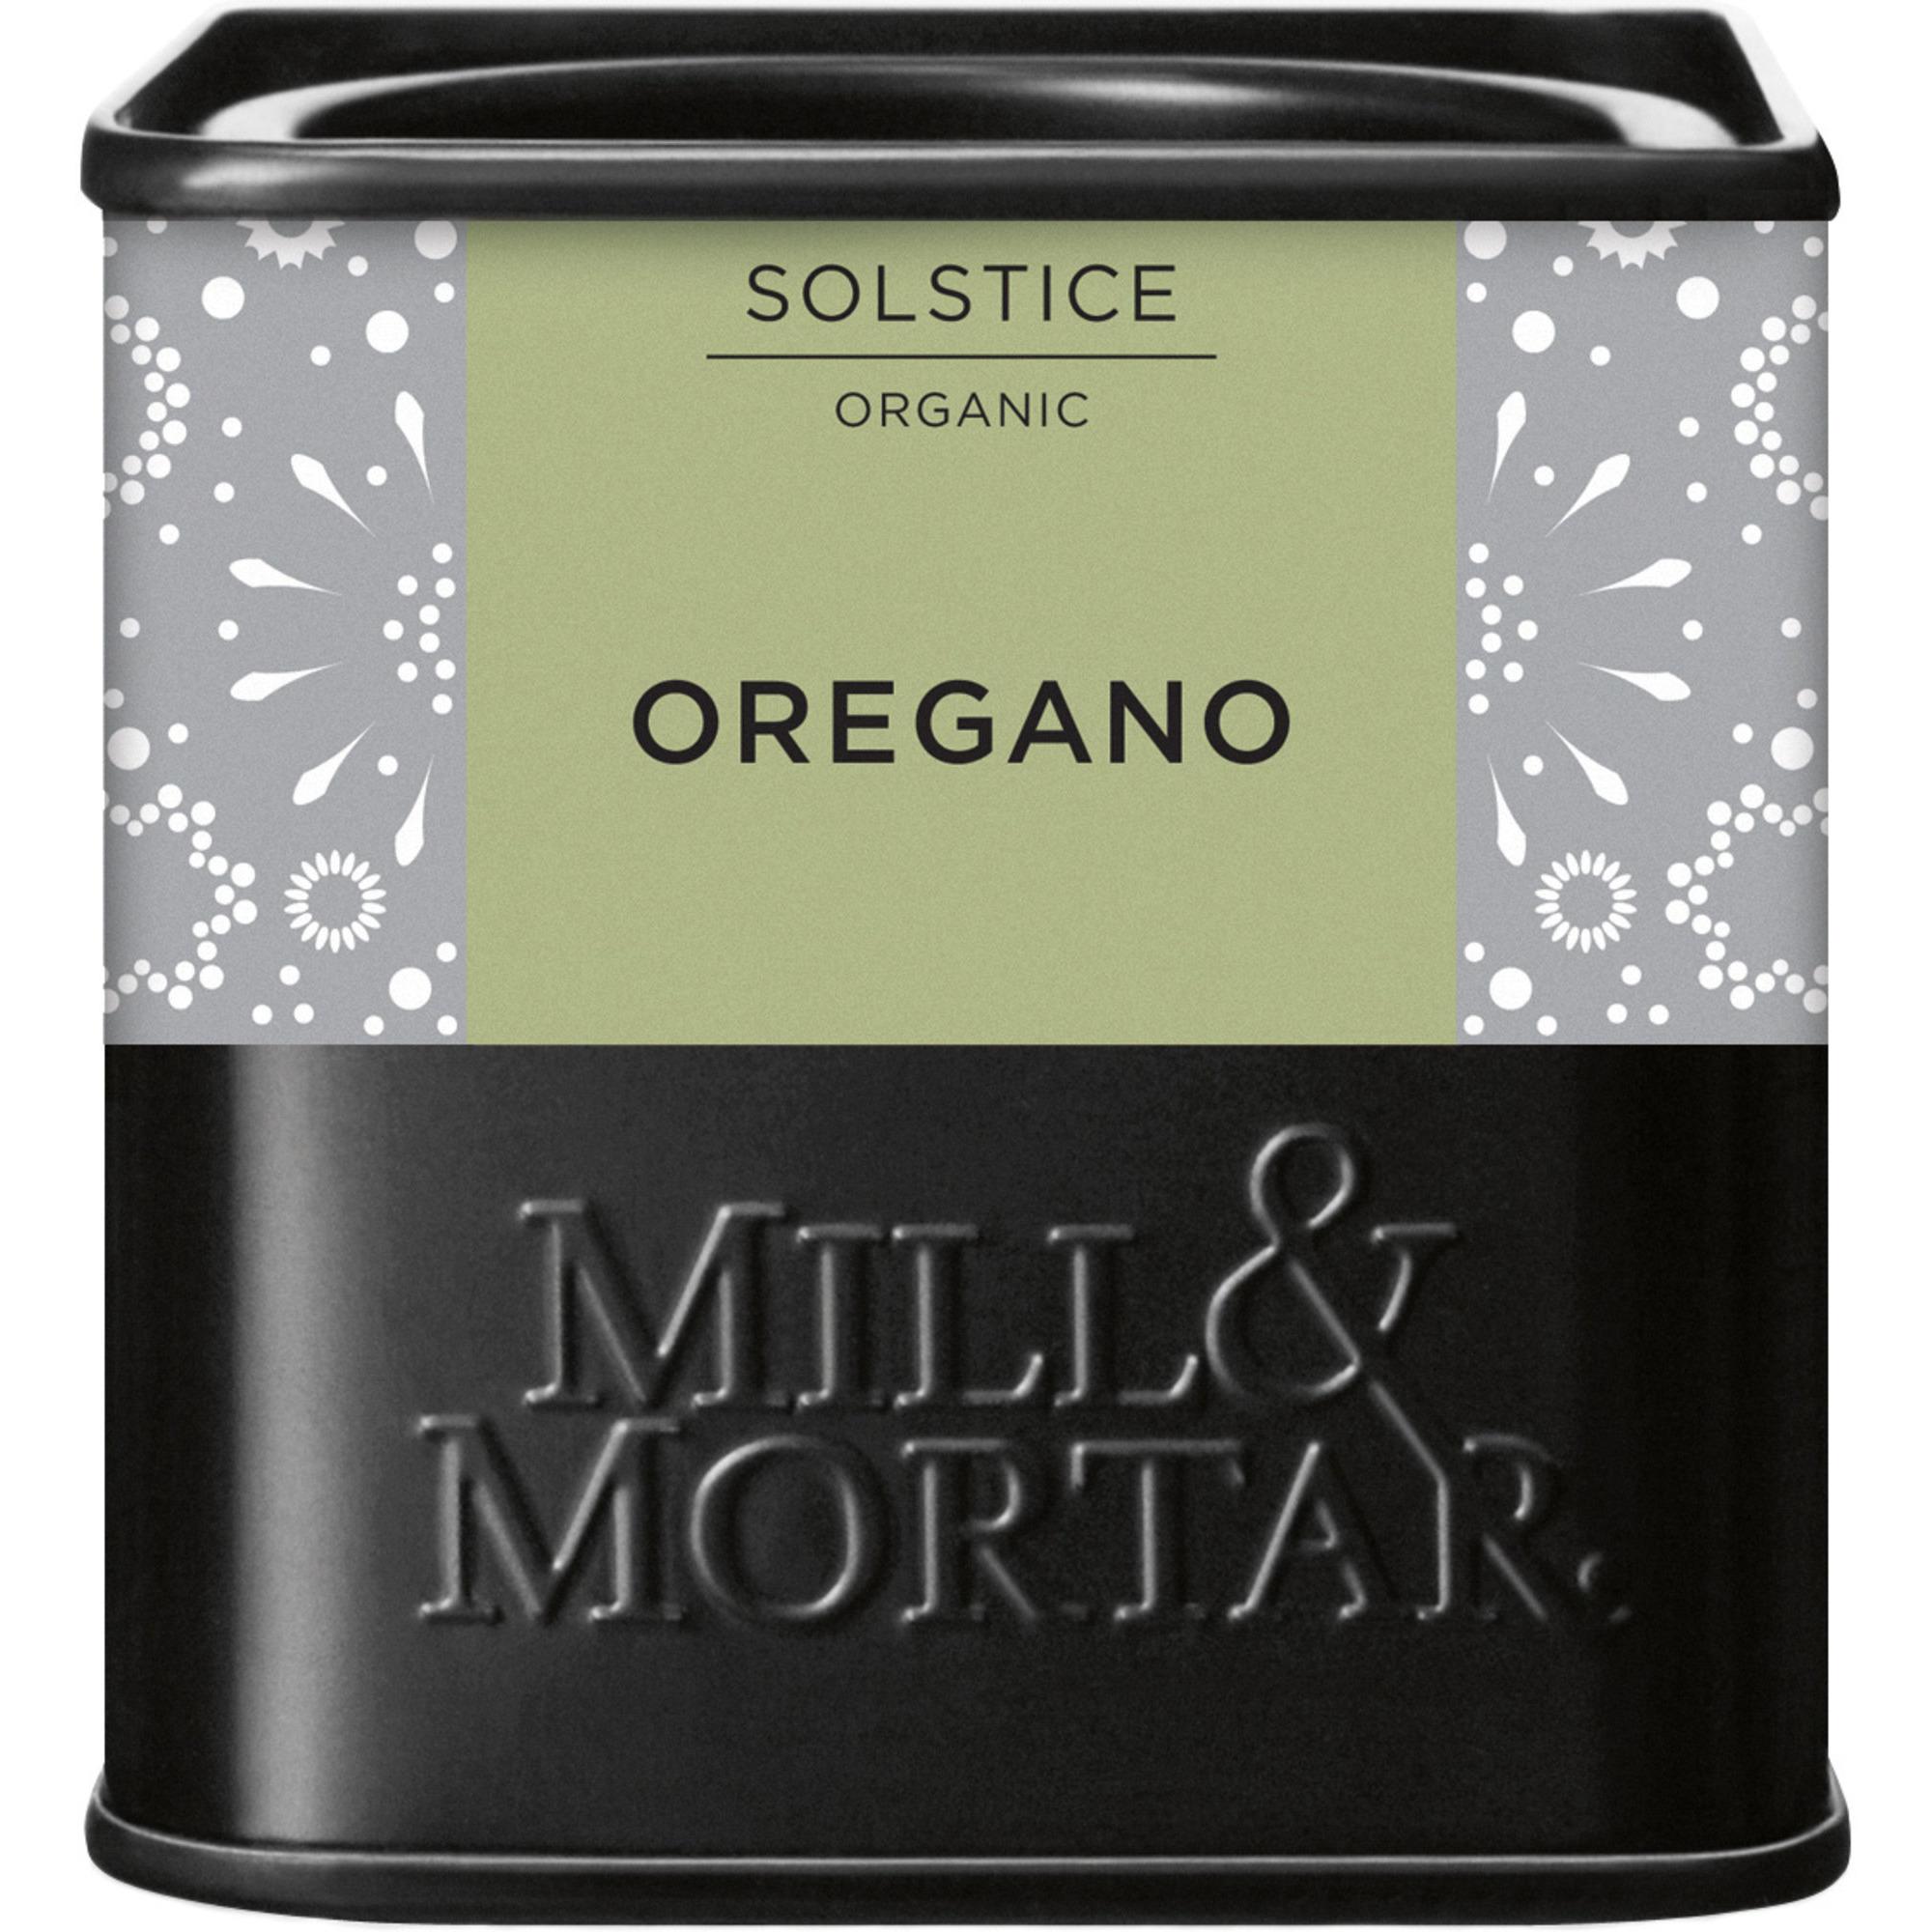 Mill & Mortar Oregano skuren 16 g